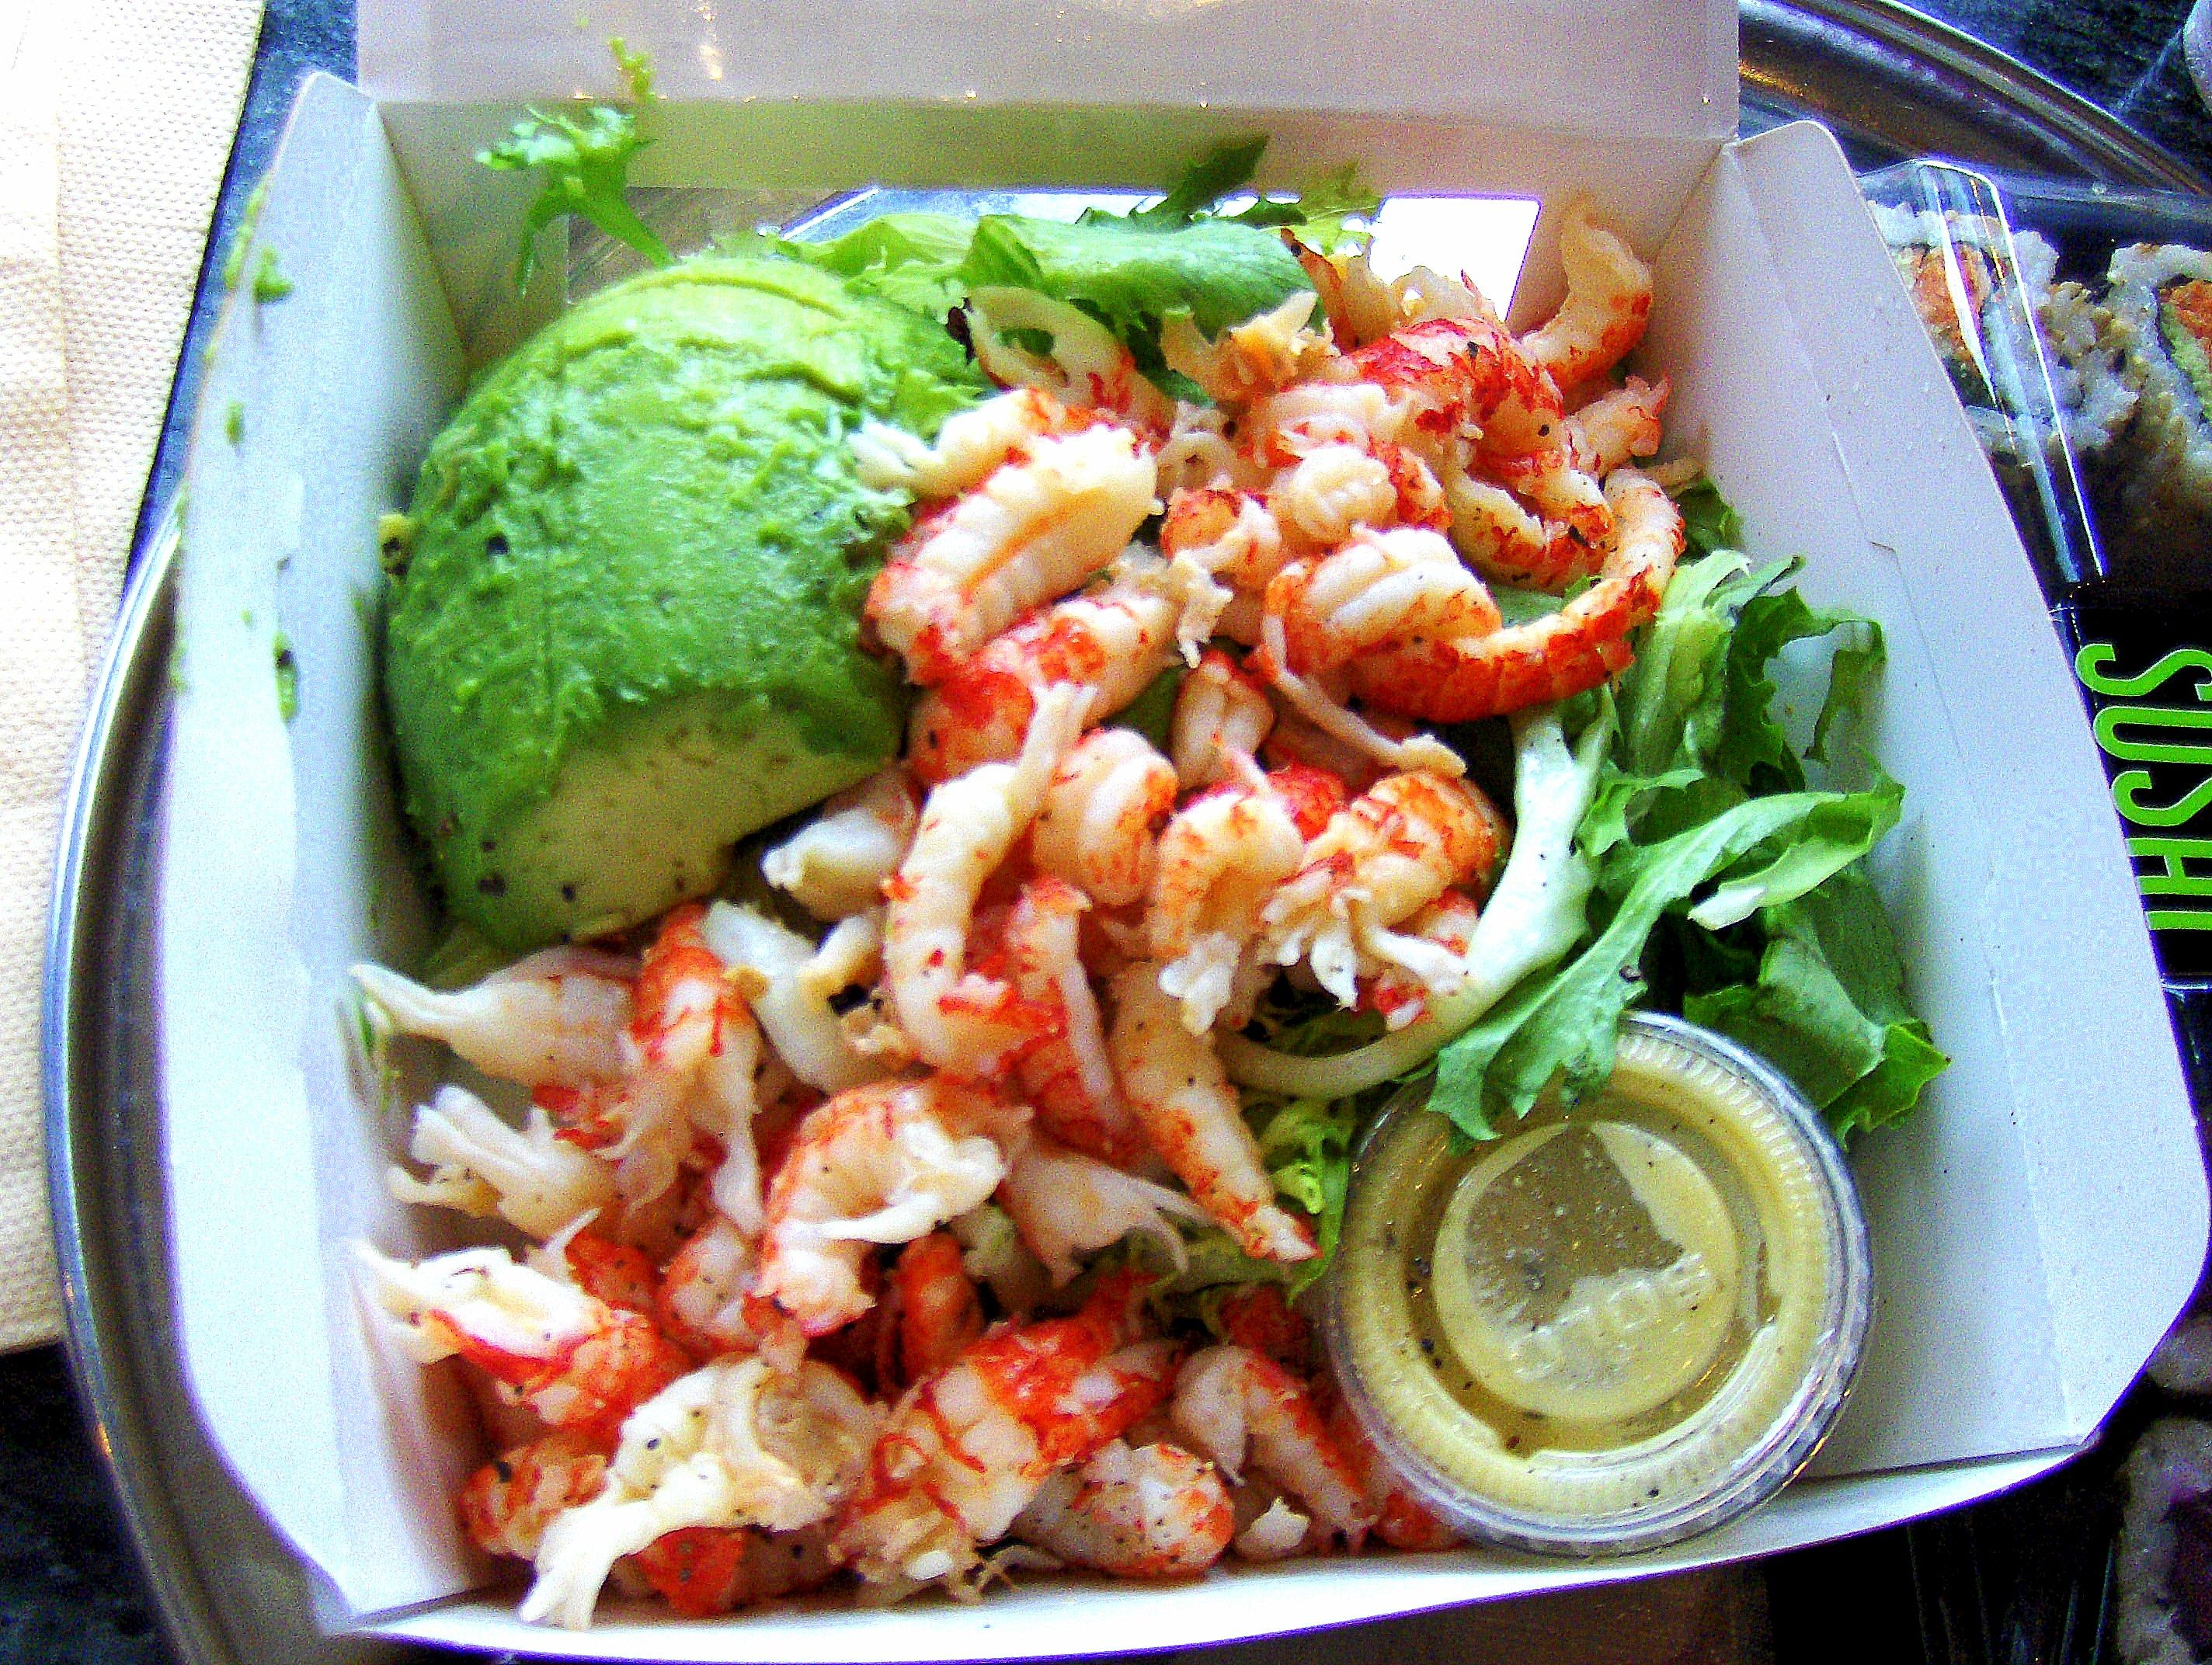 Pret Crayfish And Avocado Salad @ 206 Calories